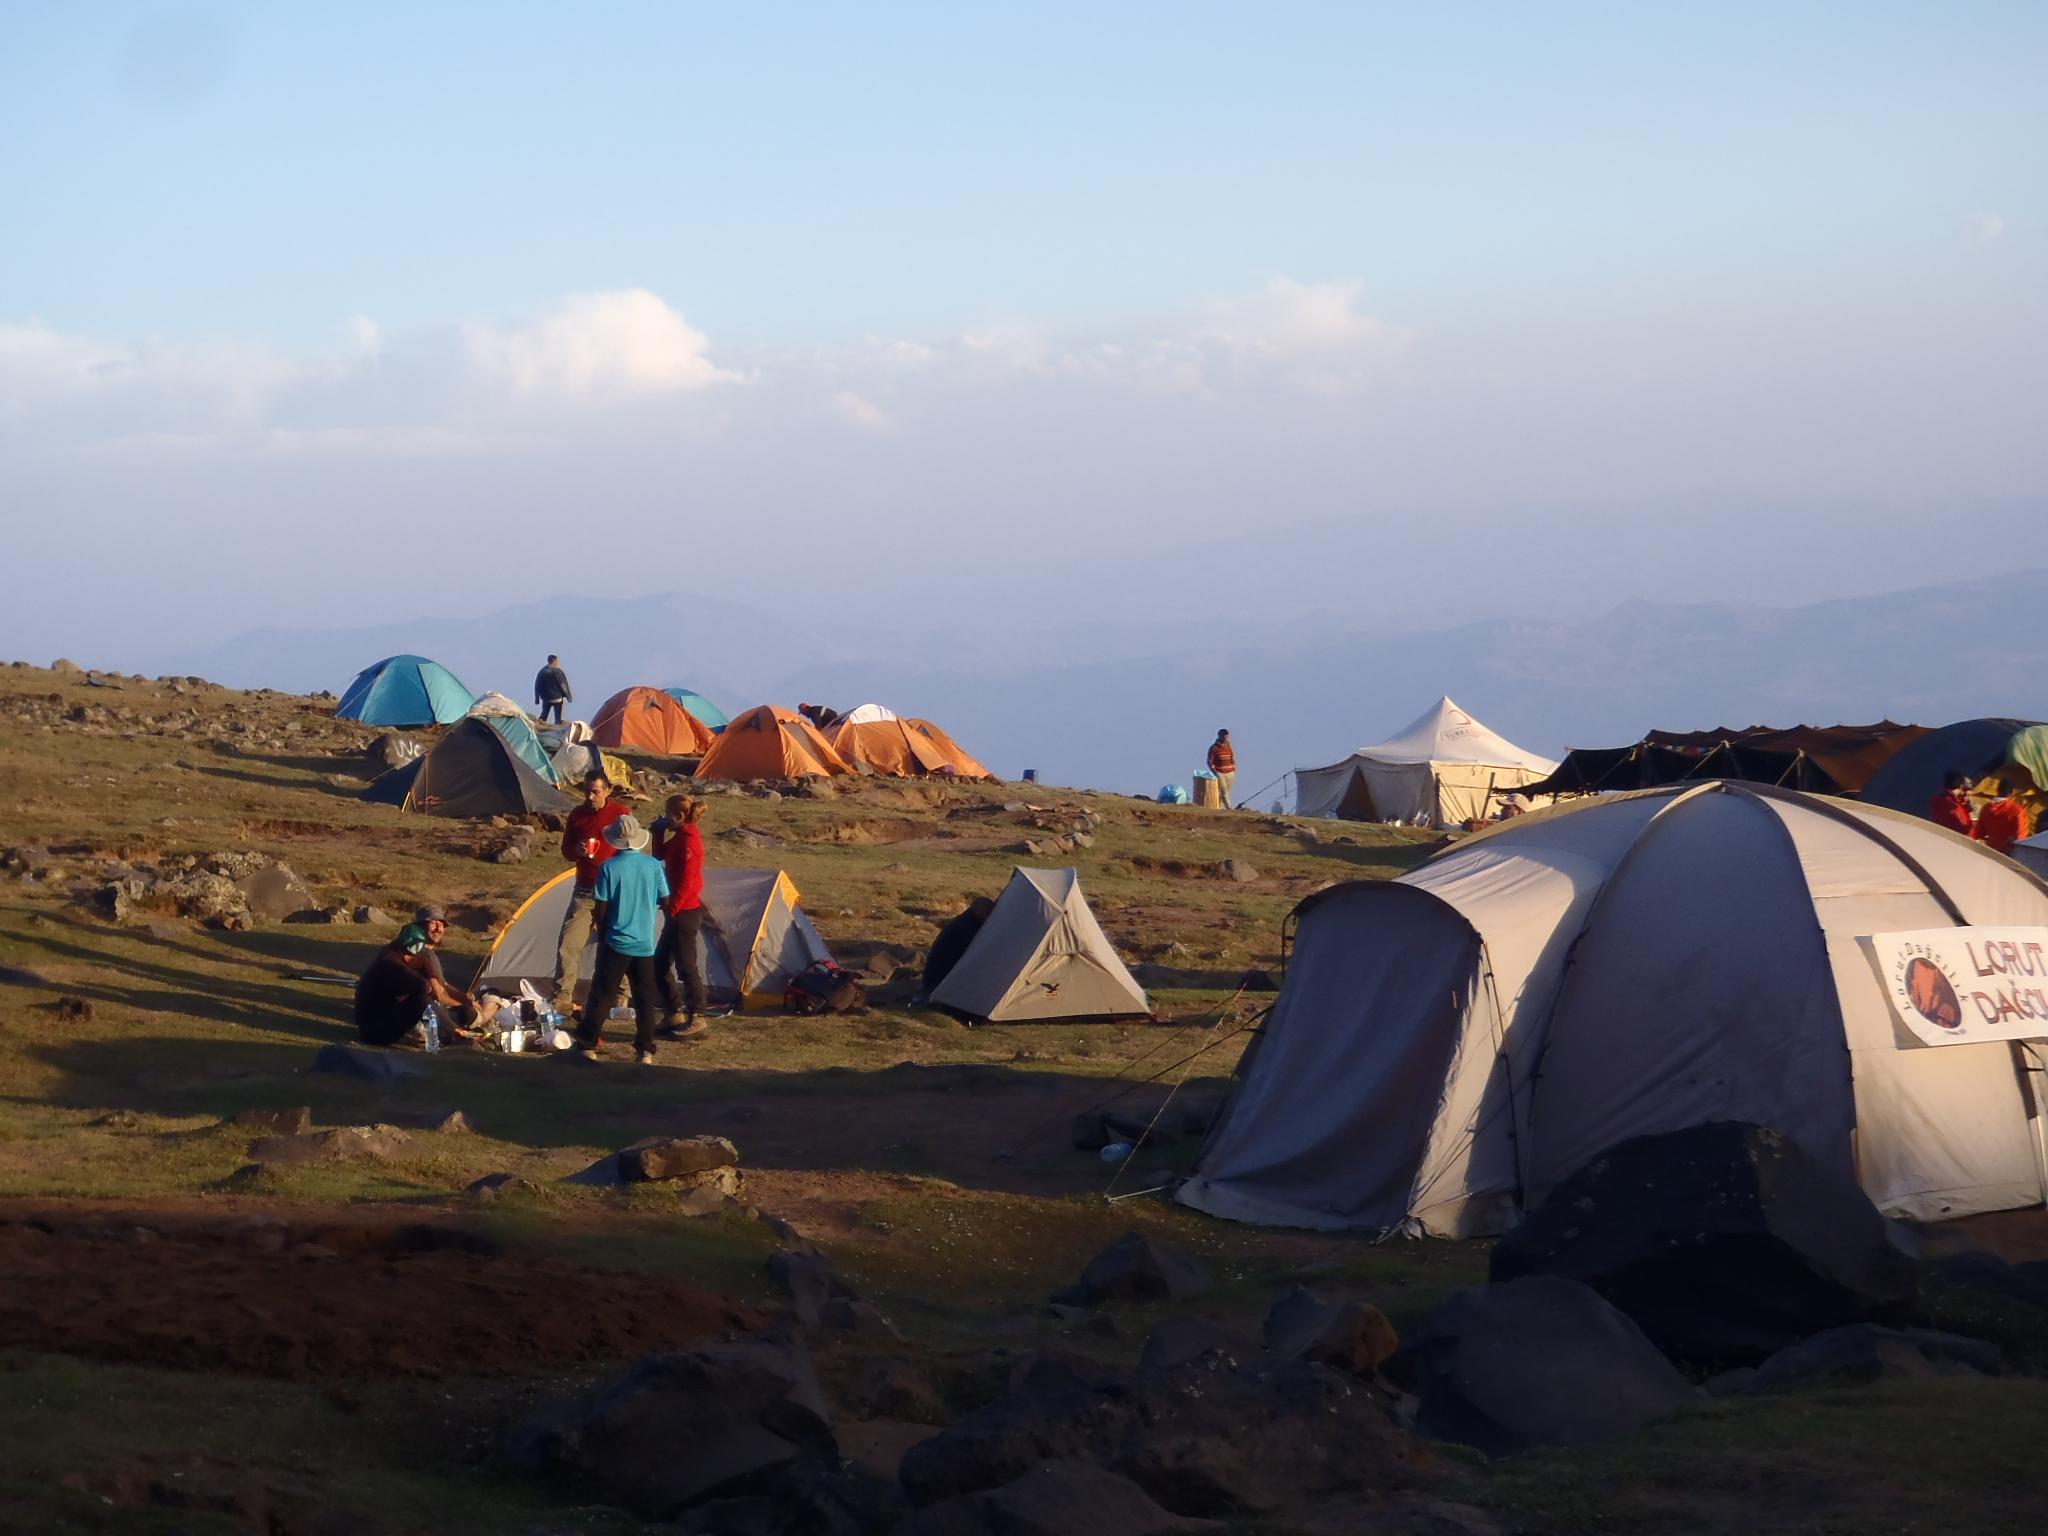 Първи лагер на 3200 м.